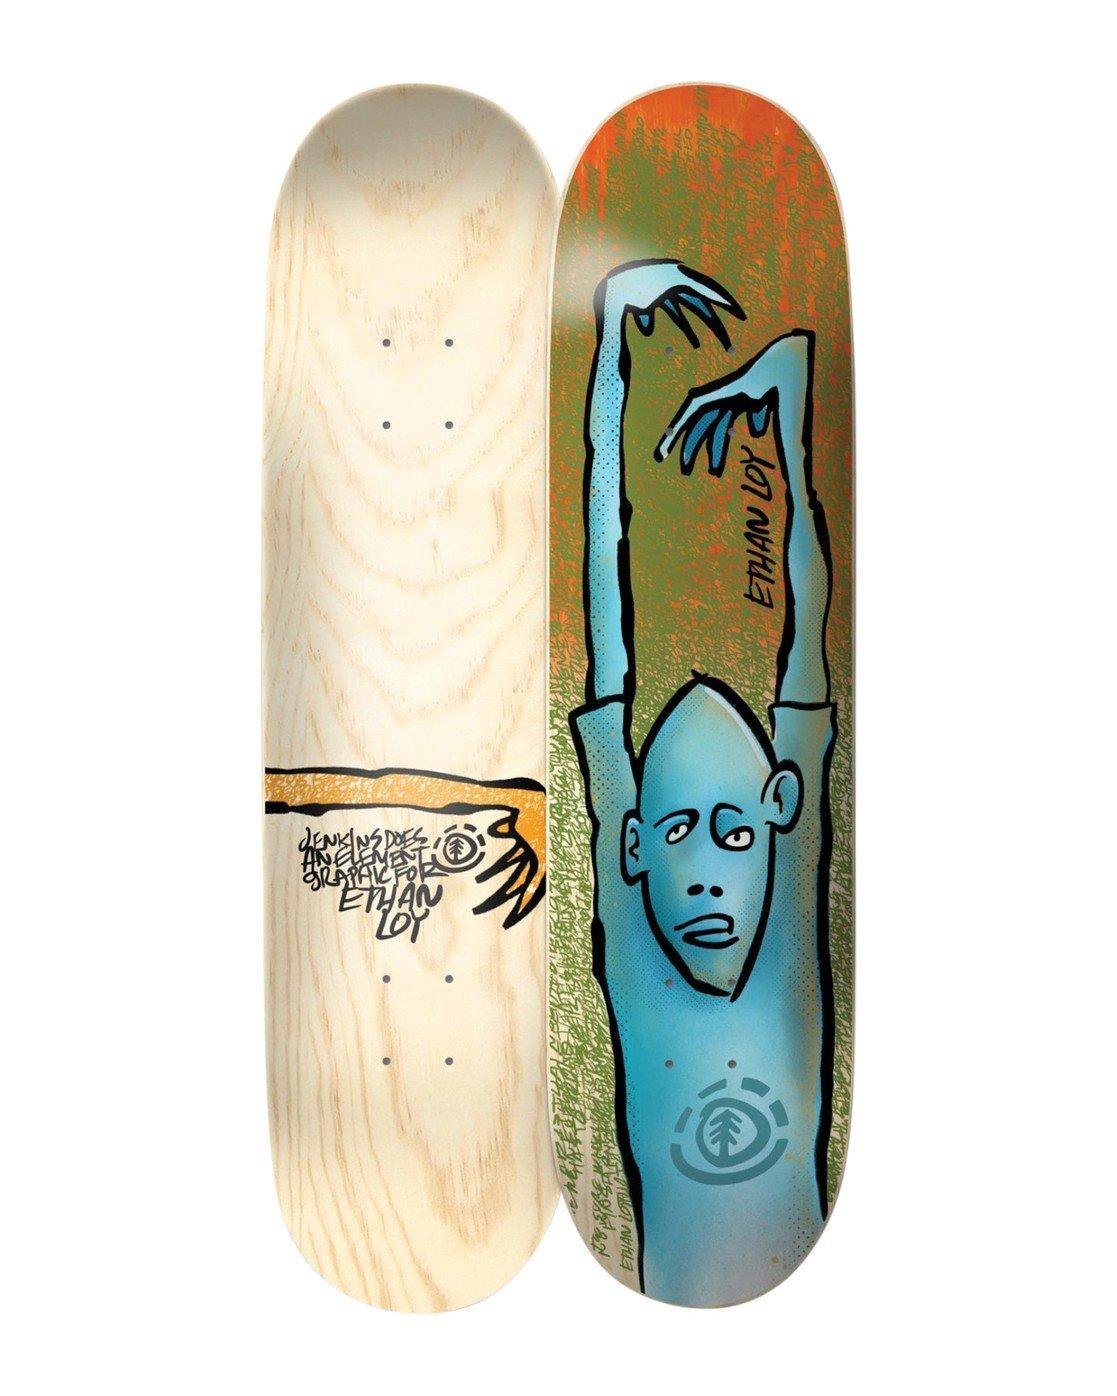 1 Jenkins Ethan Skateboard Deck  BDLG4AJE Element